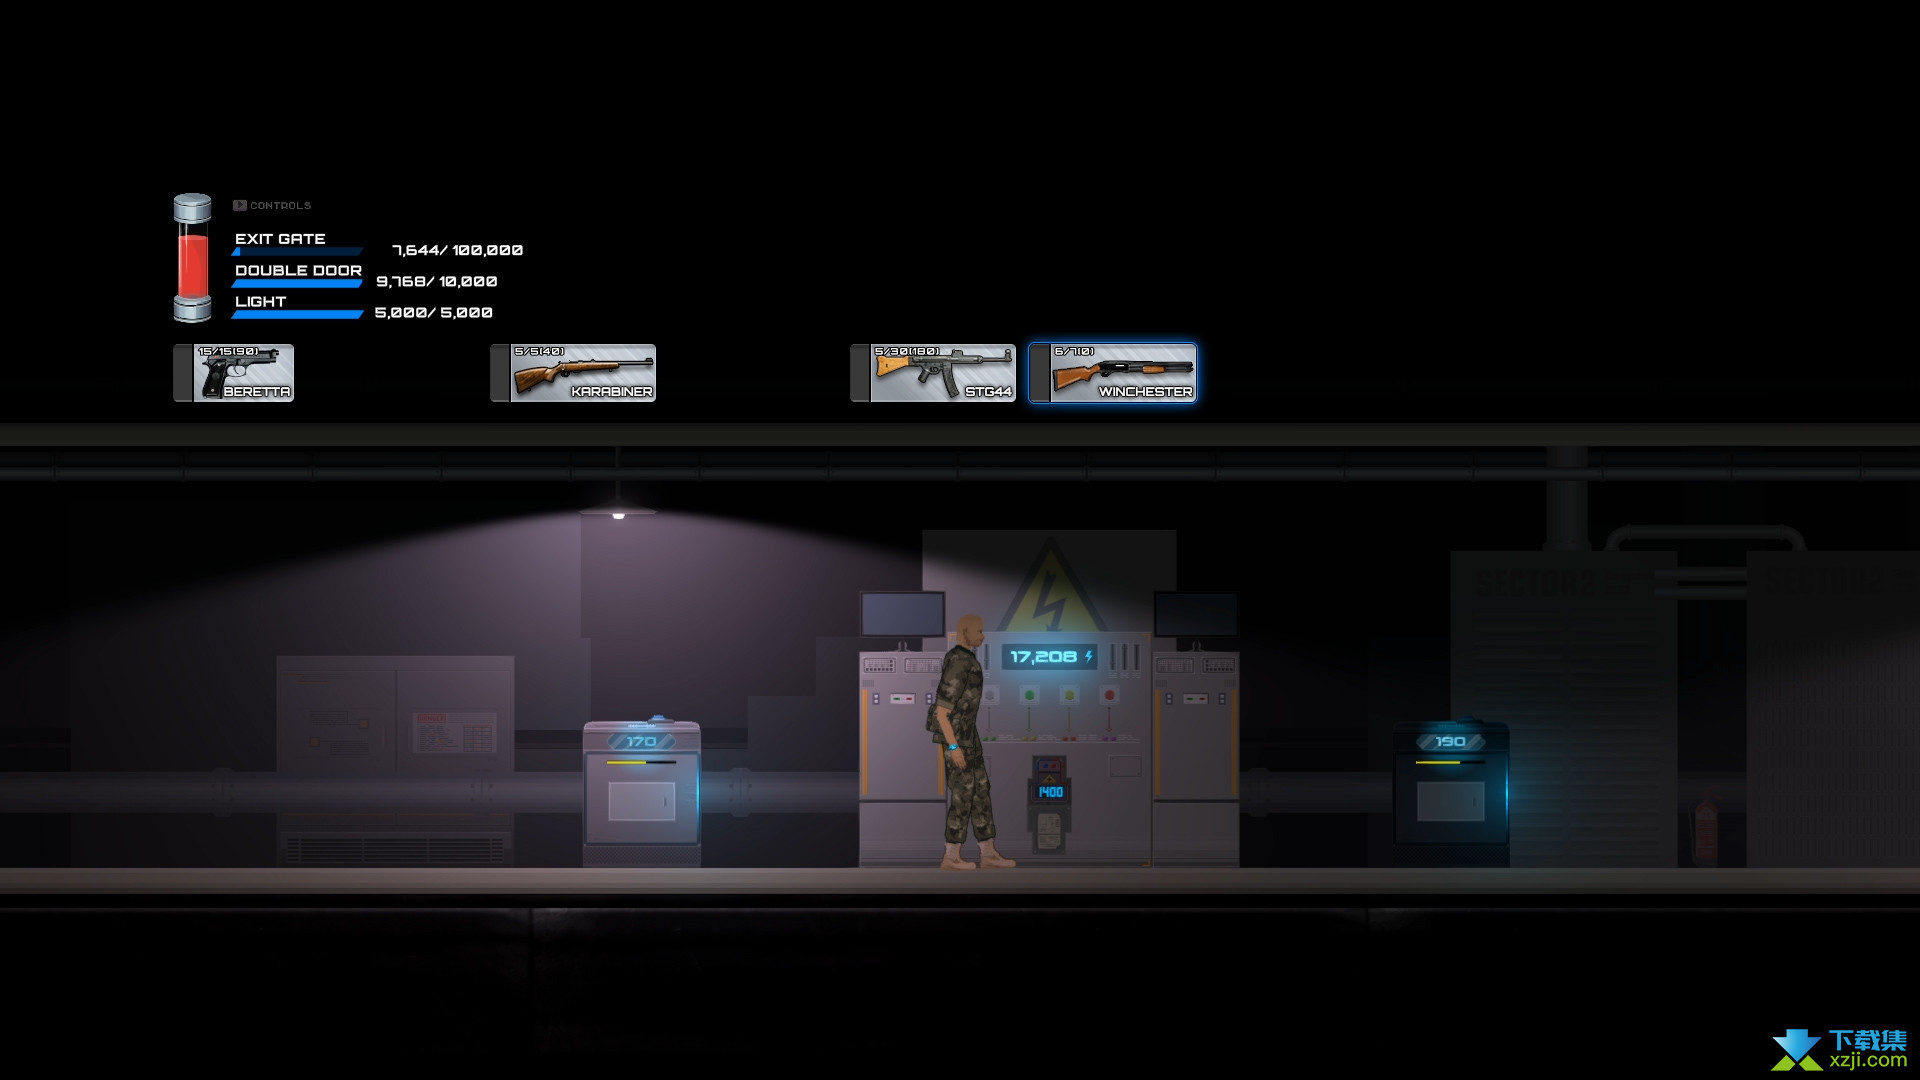 7号实验室寒冷的夜晚界面4